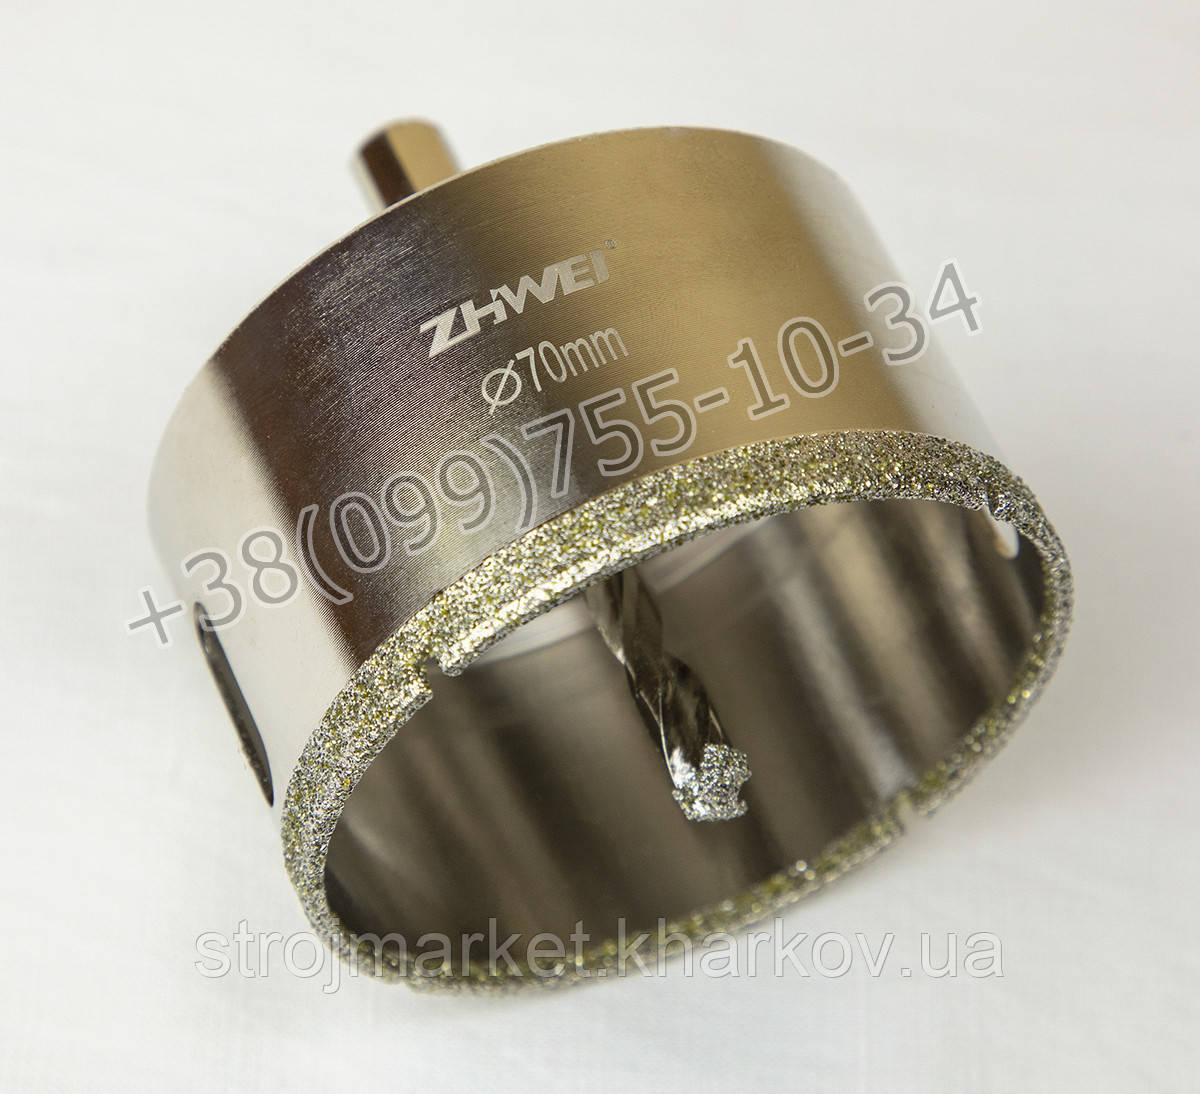 Алмазные коронки с сверлом ZHWEI 70мм